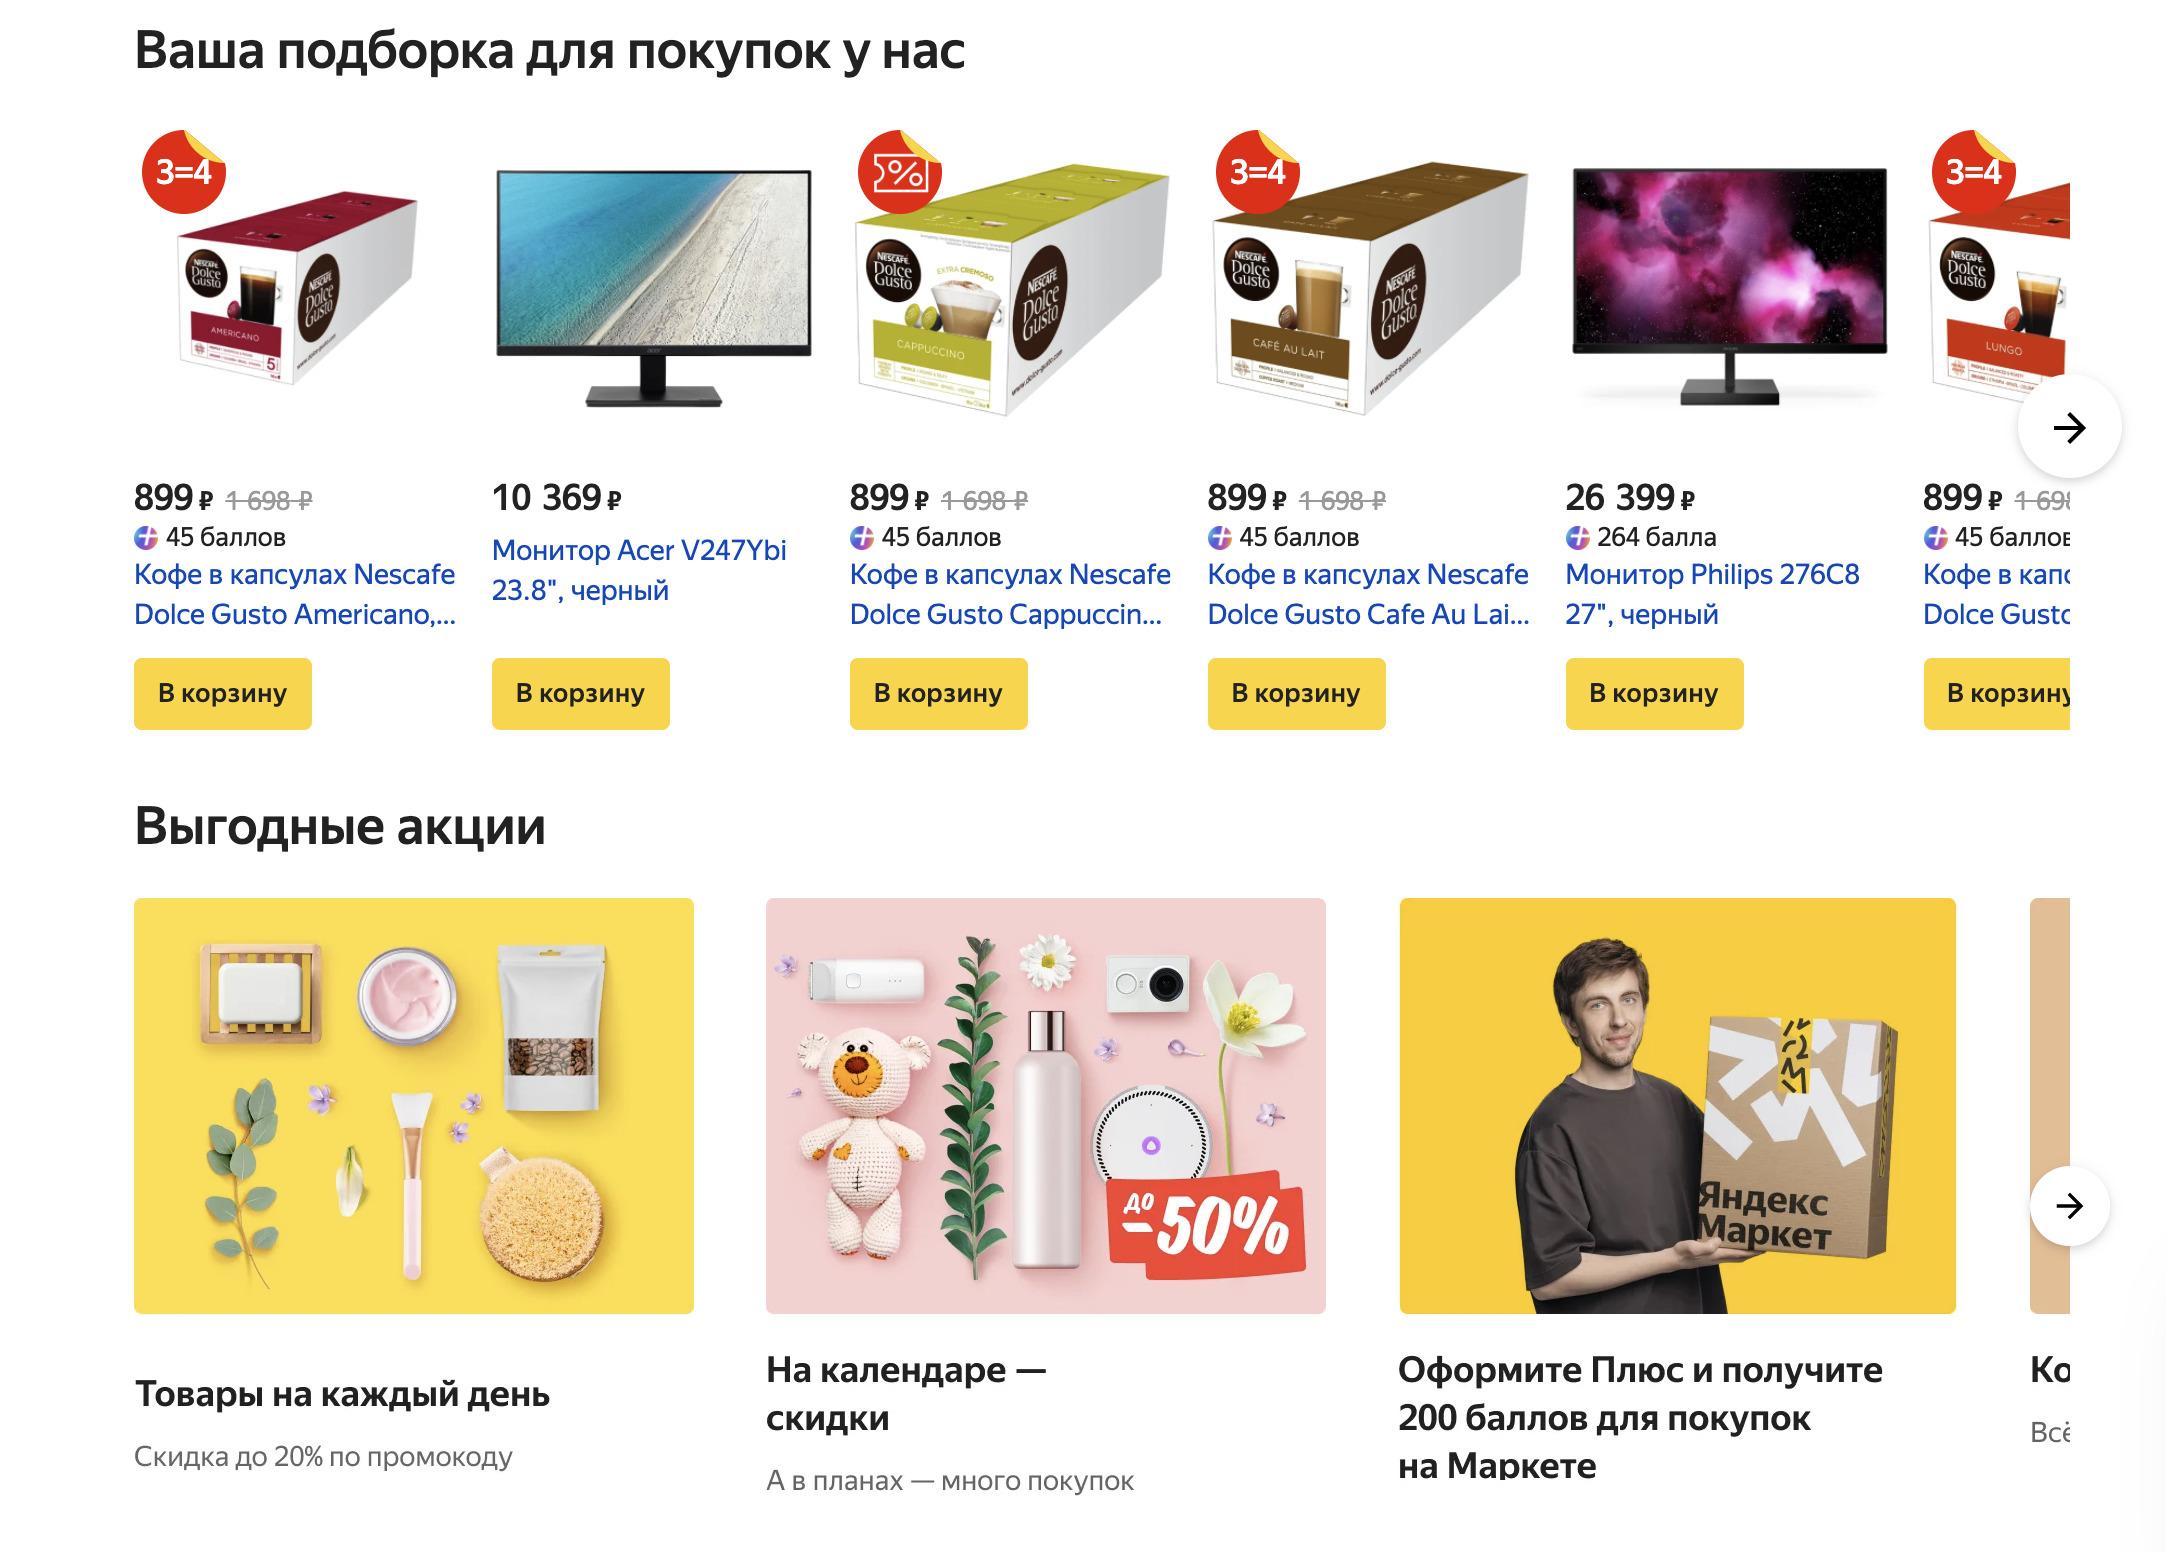 Доставка из Яндекс.Маркет в Клин, сроки, пункты выдачи, каталог